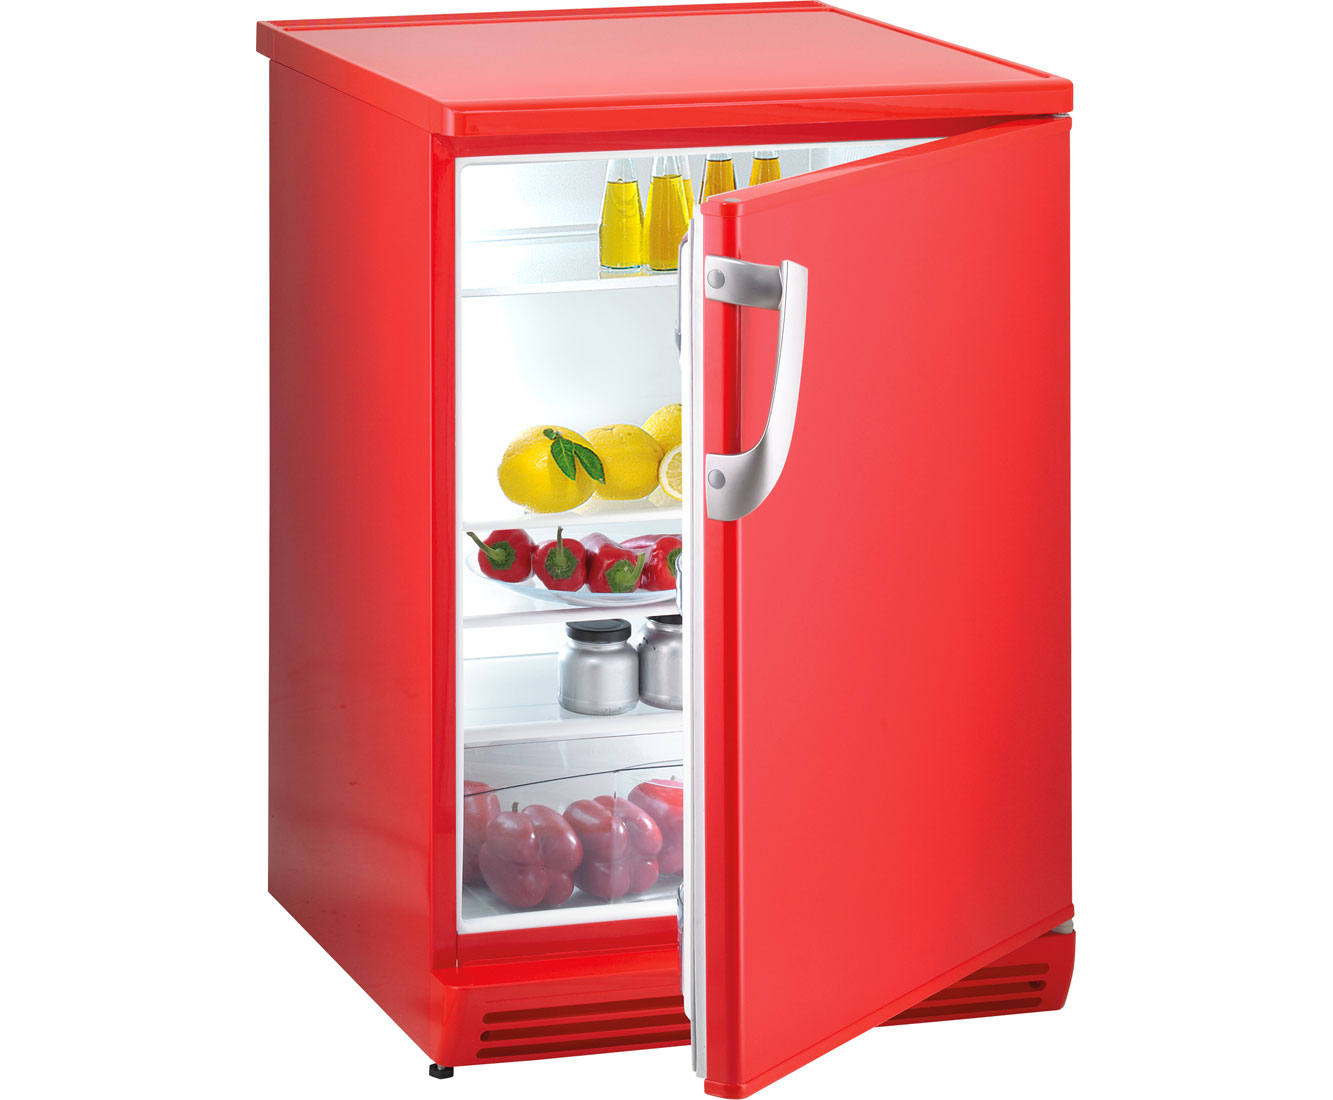 Gorenje Kühlschrank Rk 61821 X : Tisch kühlschrank informationsseite hÜttich gorenje r aw